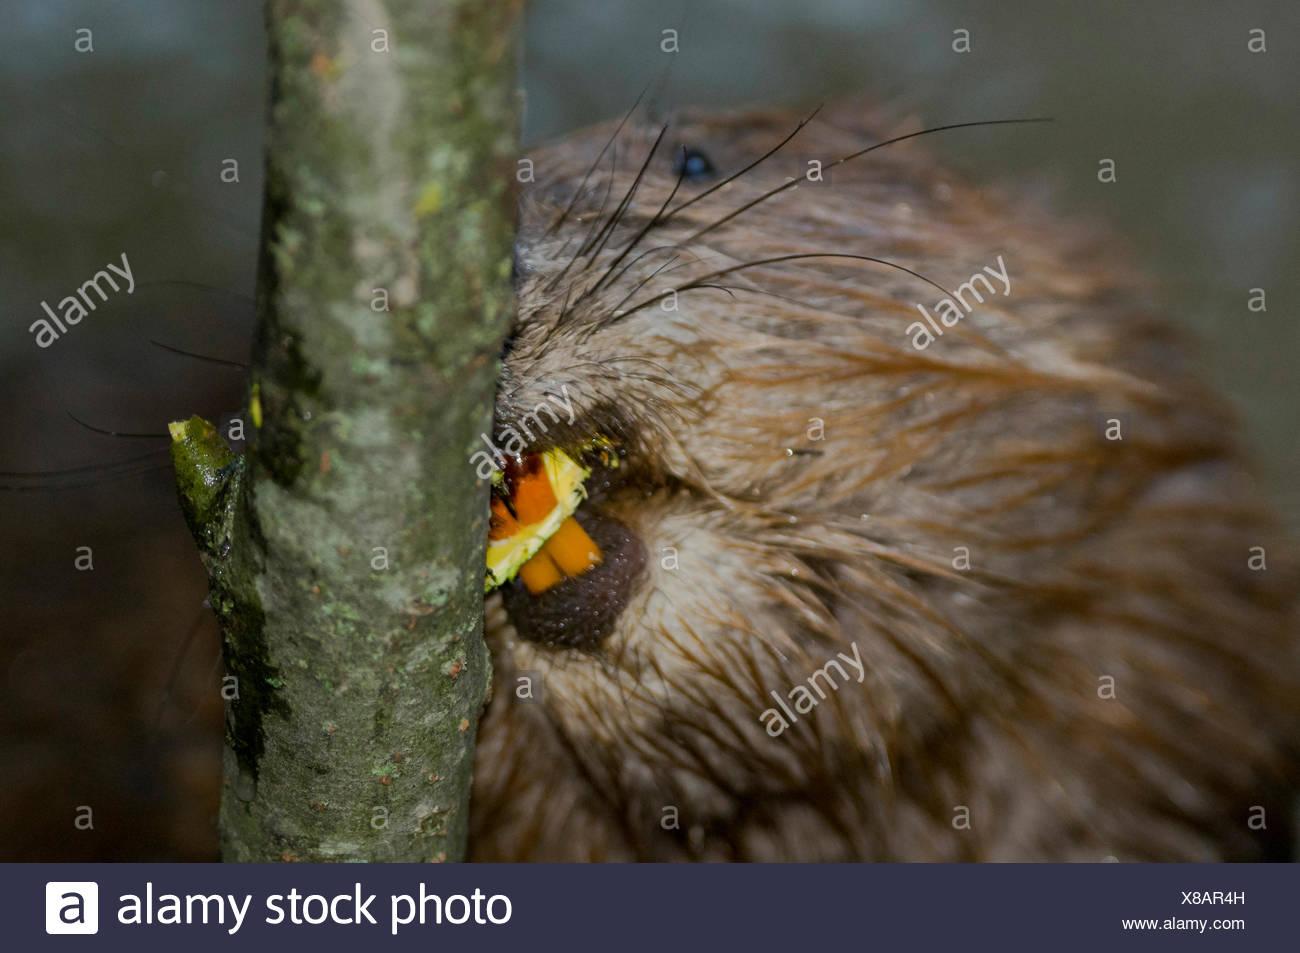 European Beaver, incisors, Rosenheim, Bavaria, Germany, Europe / (Castor fiber) - Stock Image